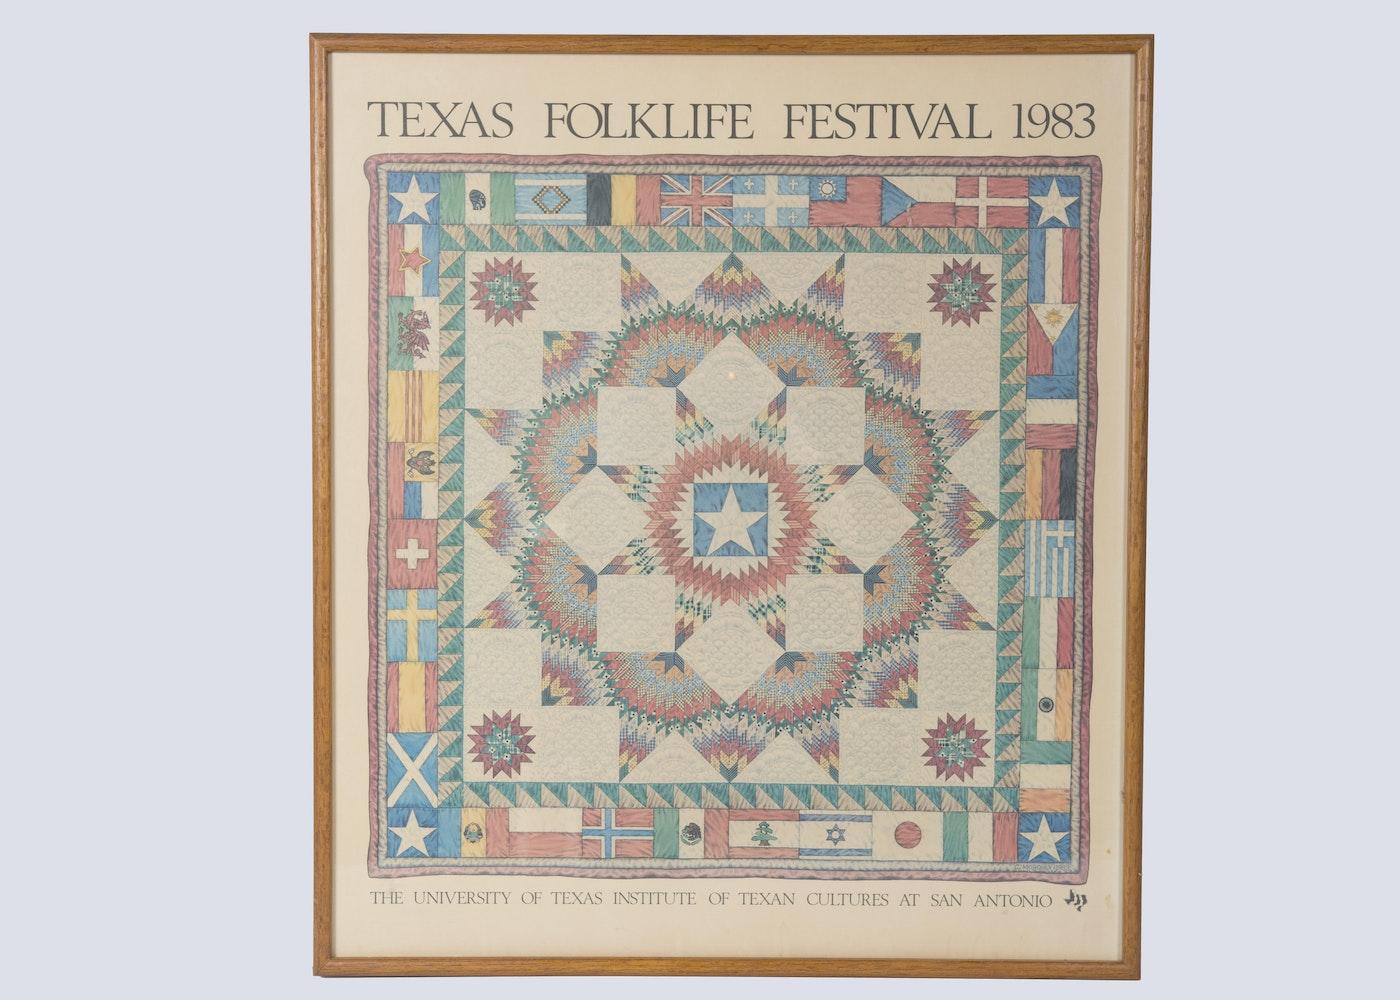 1983 Framed Texas Folklife Festival Poster Ebth